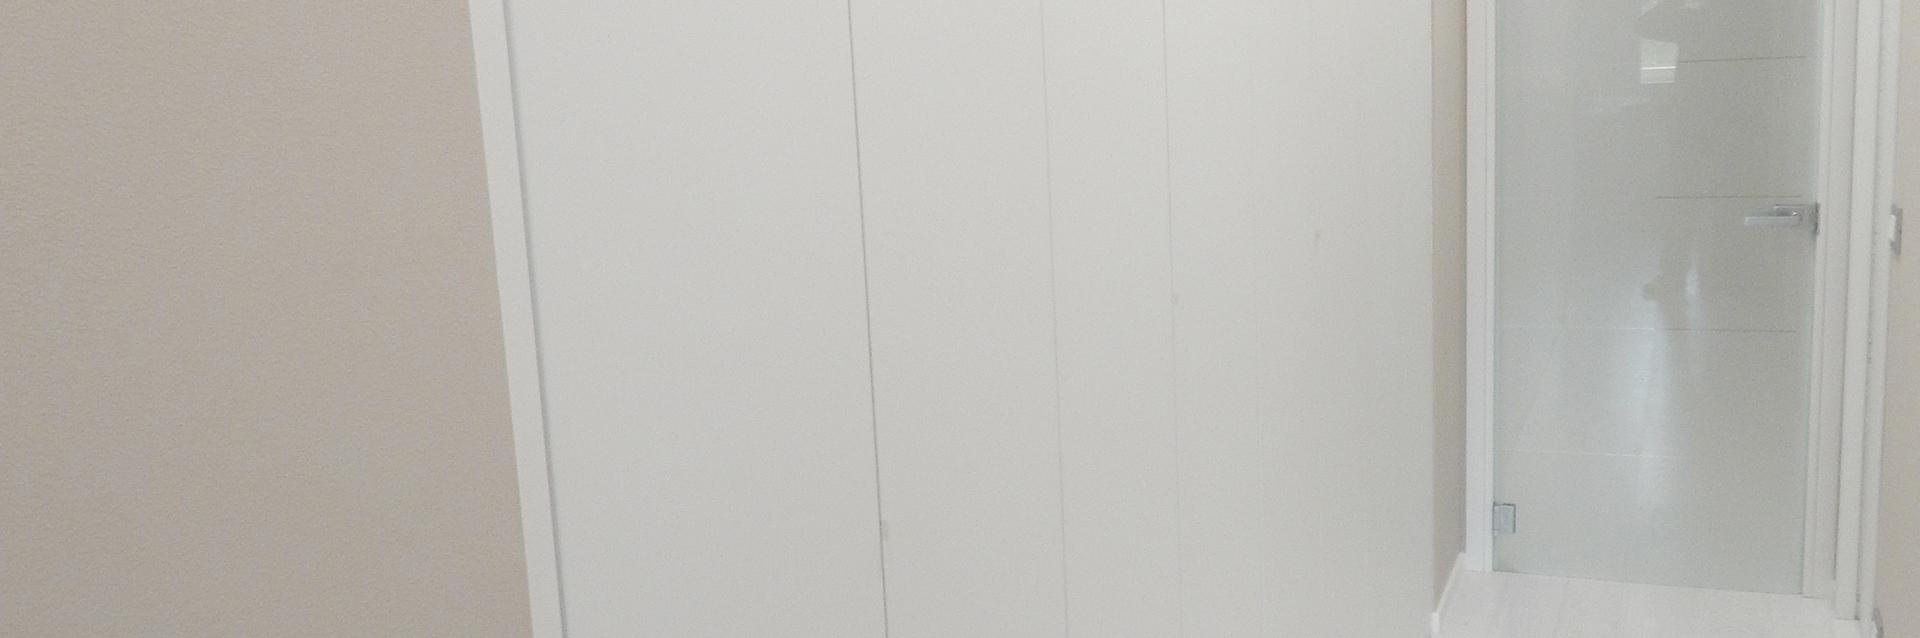 Realizzazione armadi a muro padova porte finestre for Armadi padova